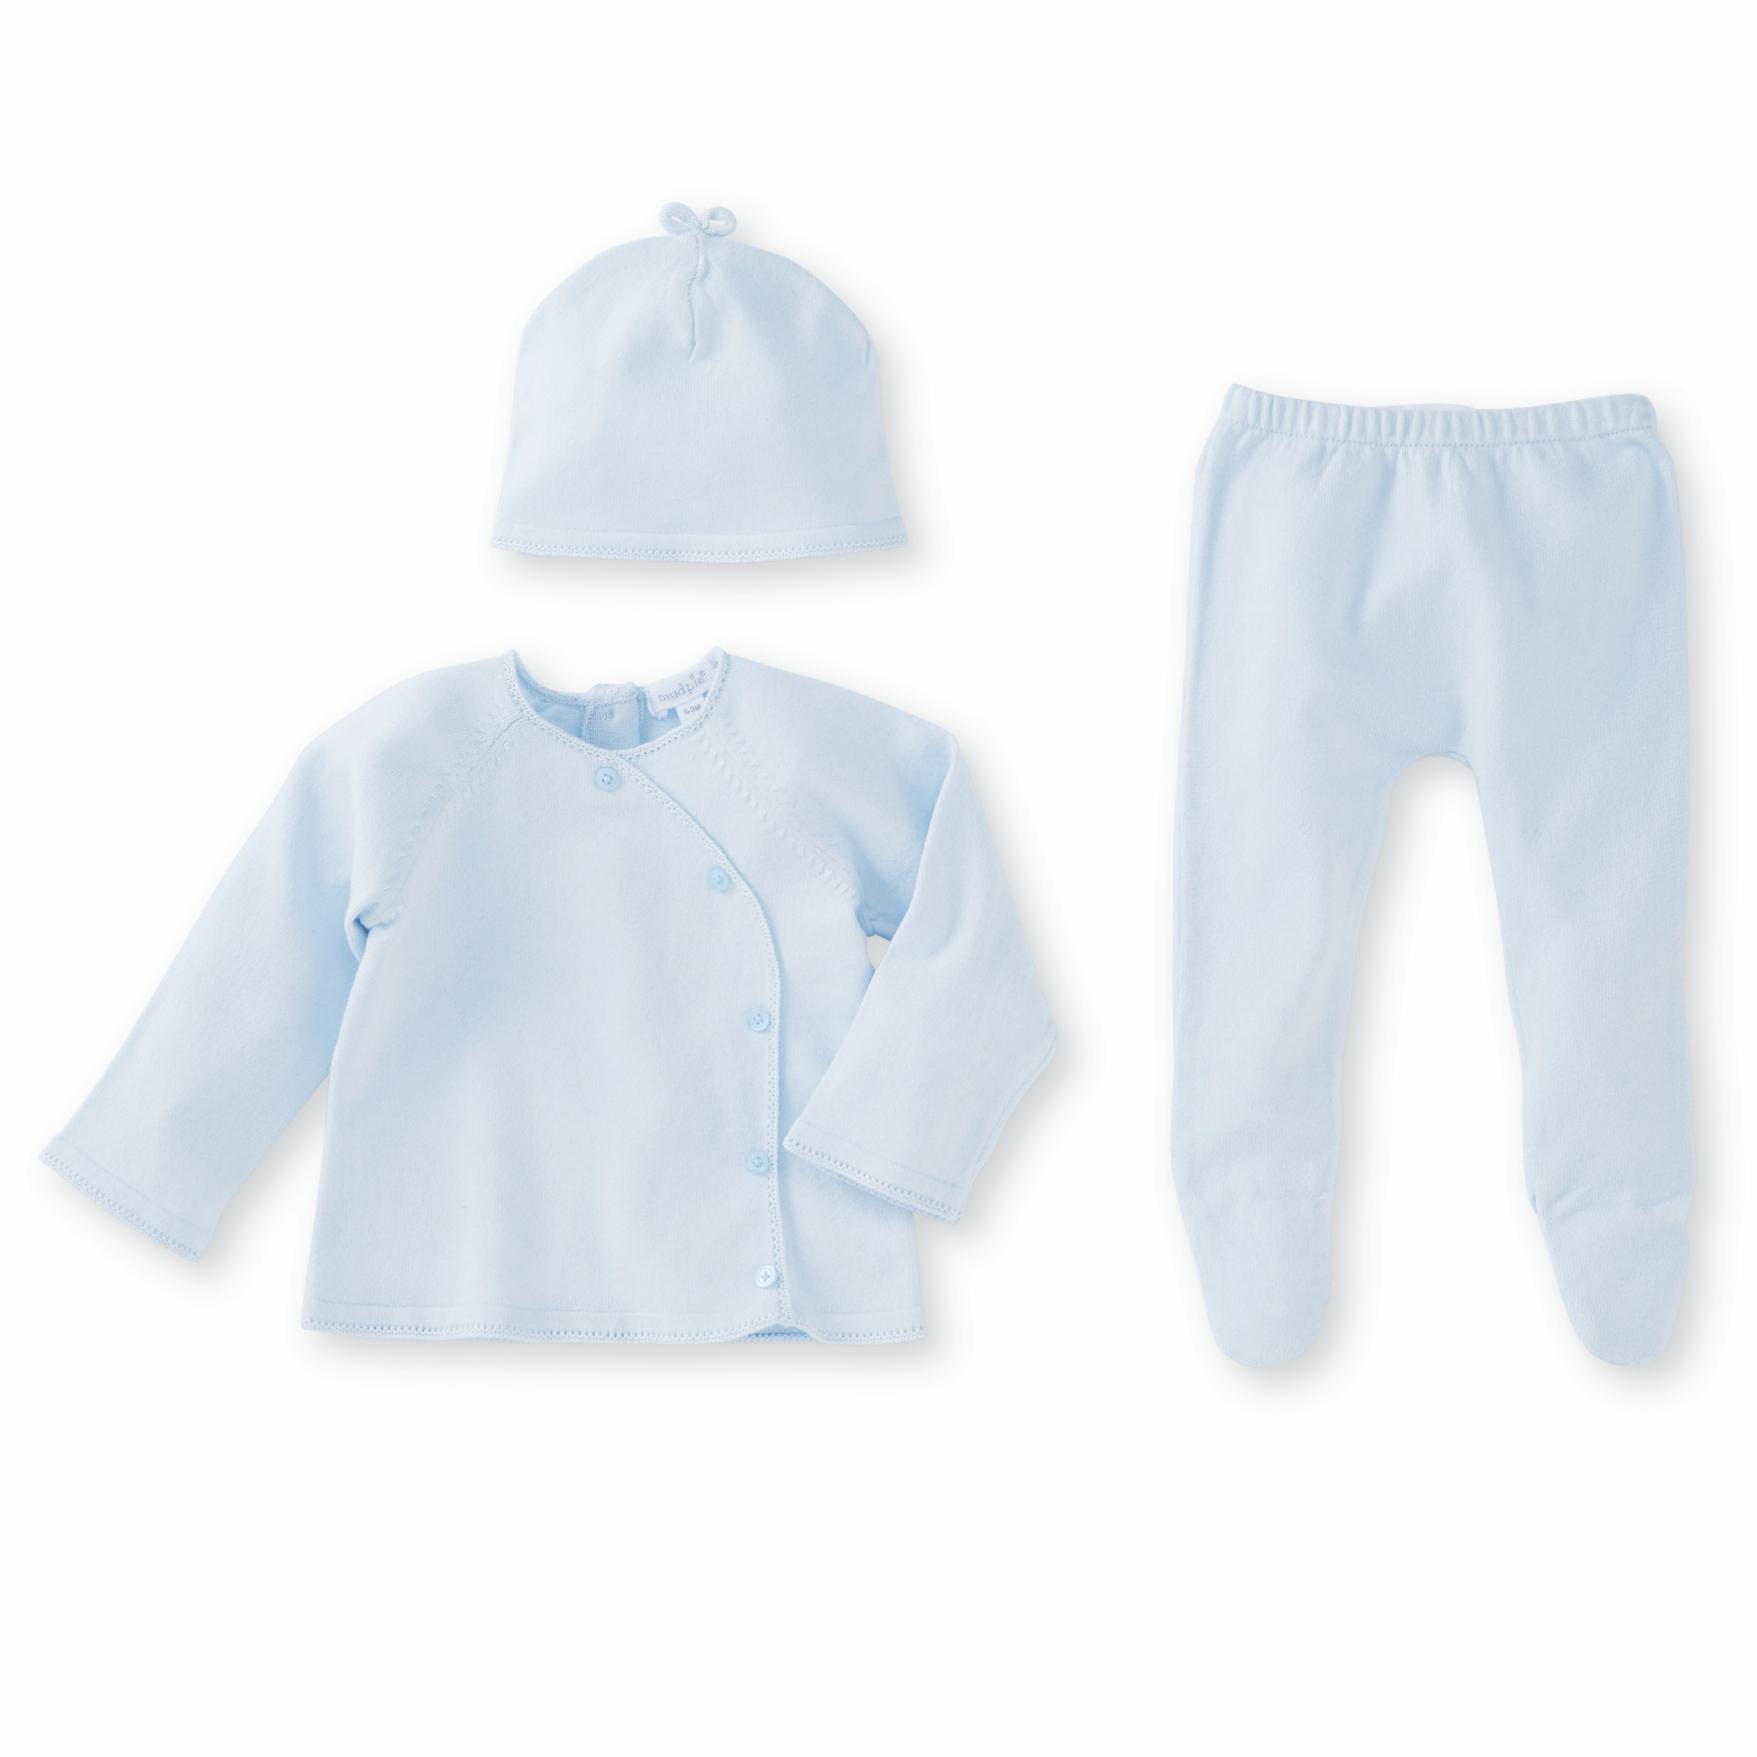 4c544b53a Mud Pie Take Me Home Set - Blue Kimono | Baby Boy France | Pinterest ...